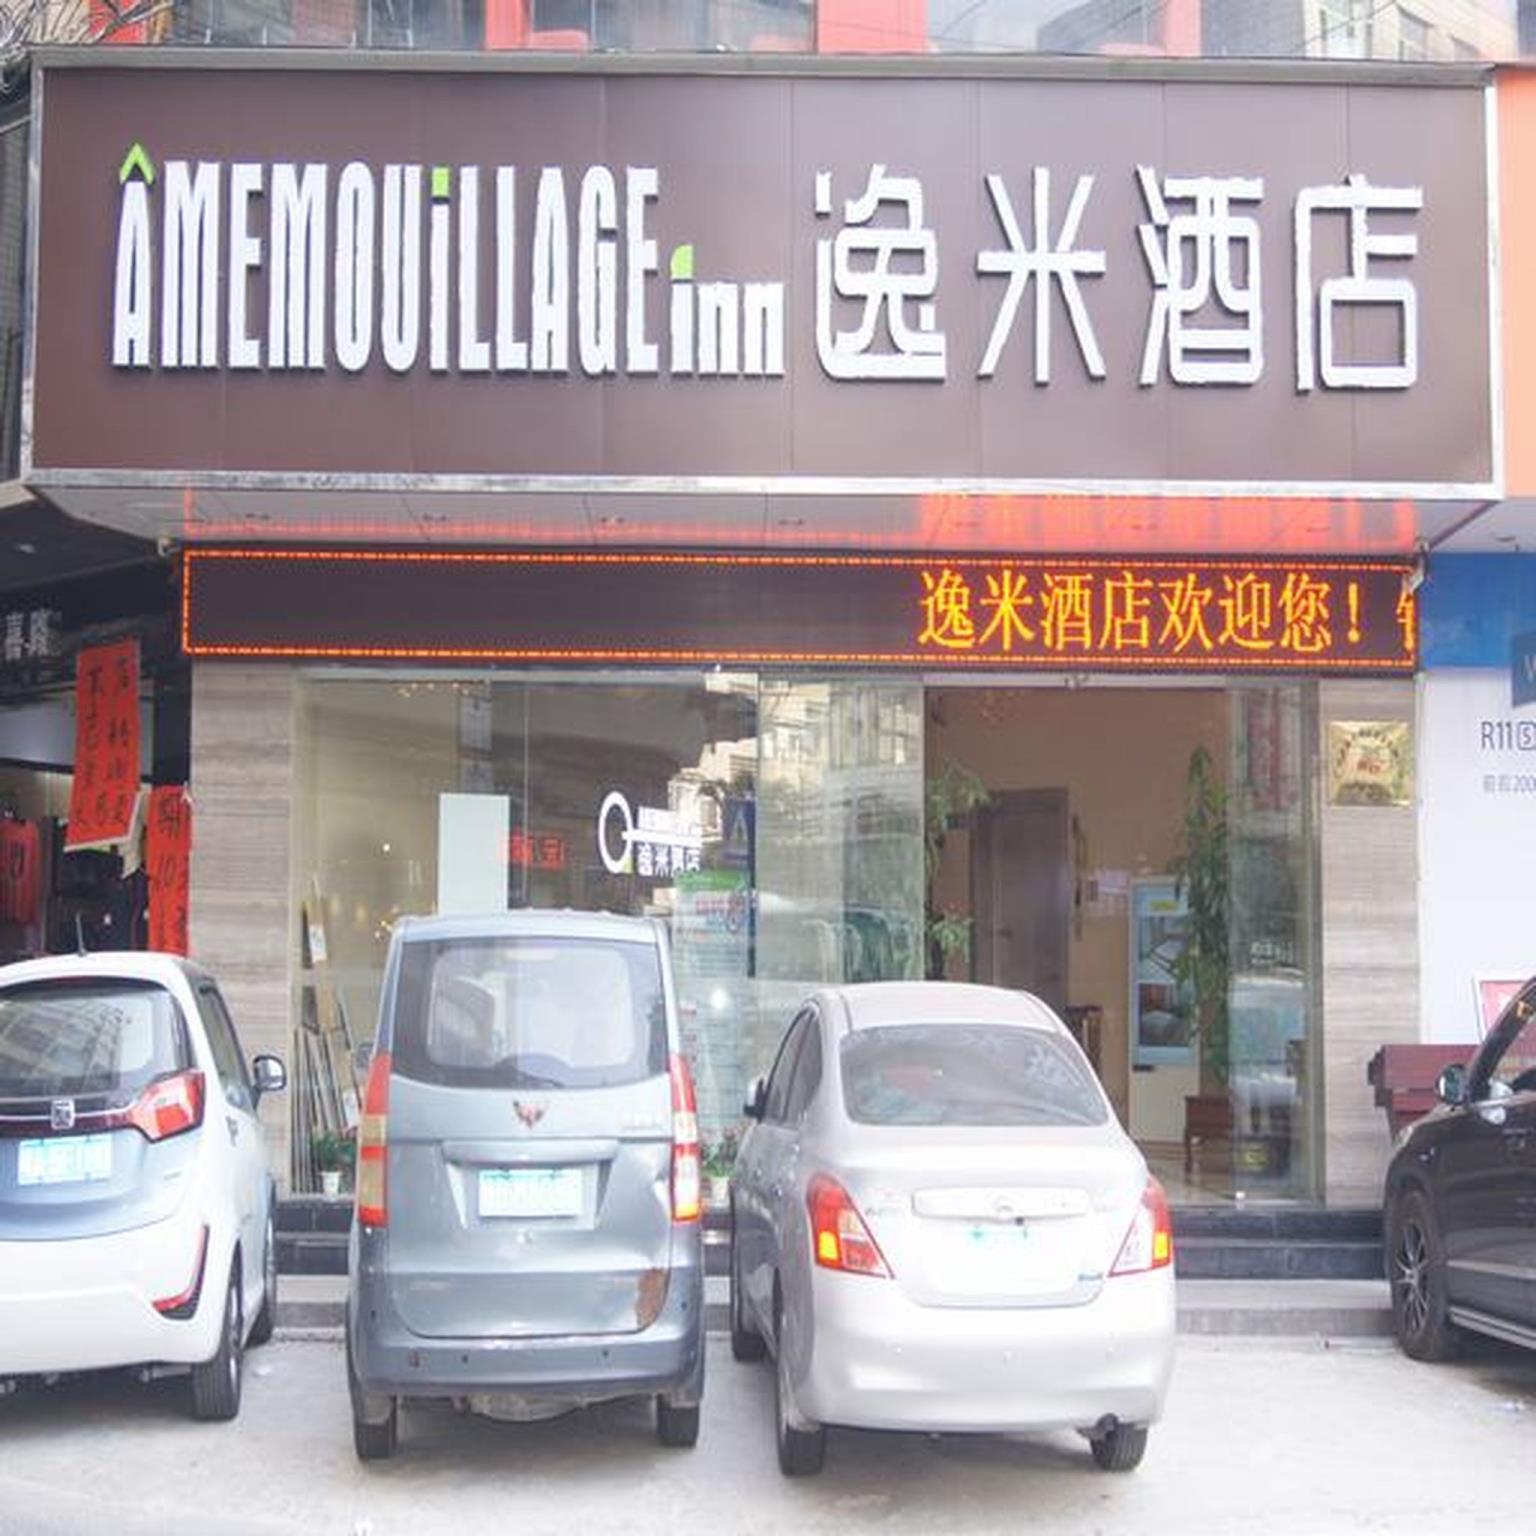 Yimi Hotel Zengcheng Xintang Sun City Store, Guangzhou